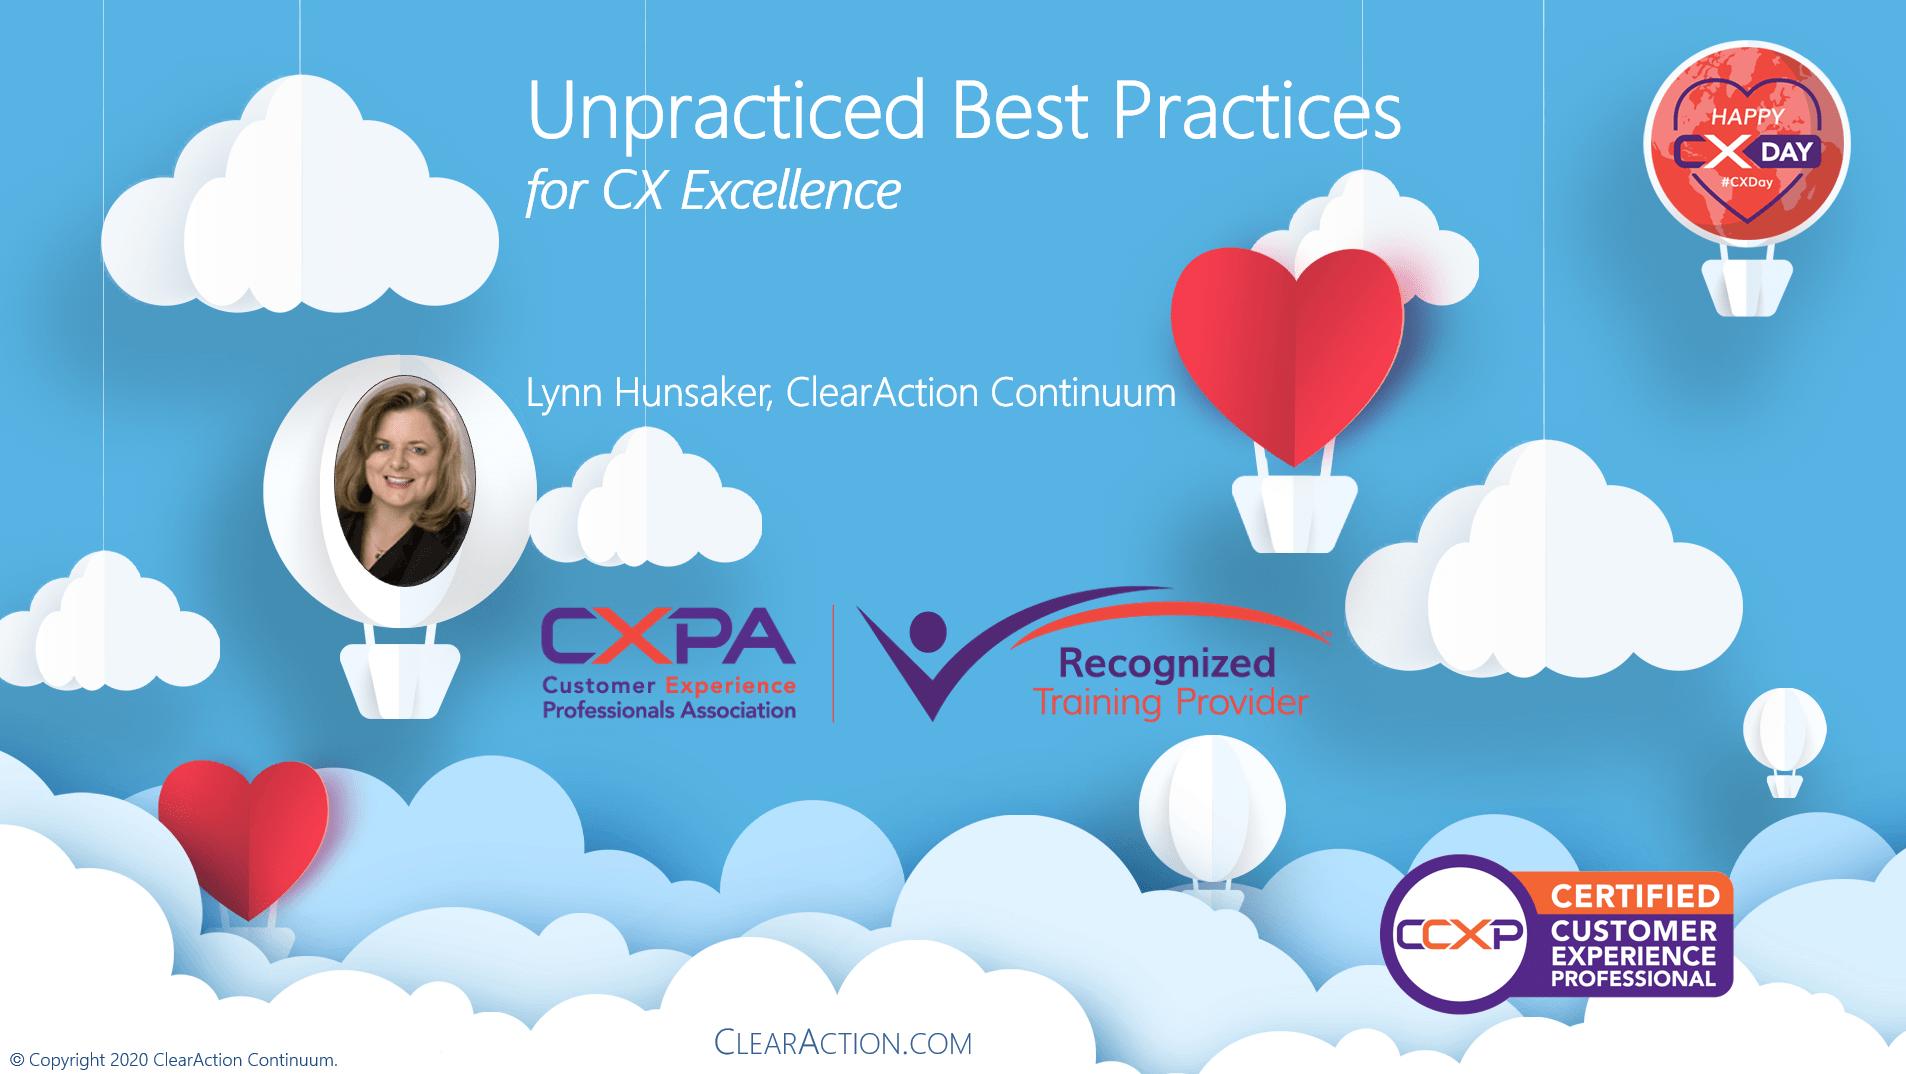 Unpracticed Best Practices